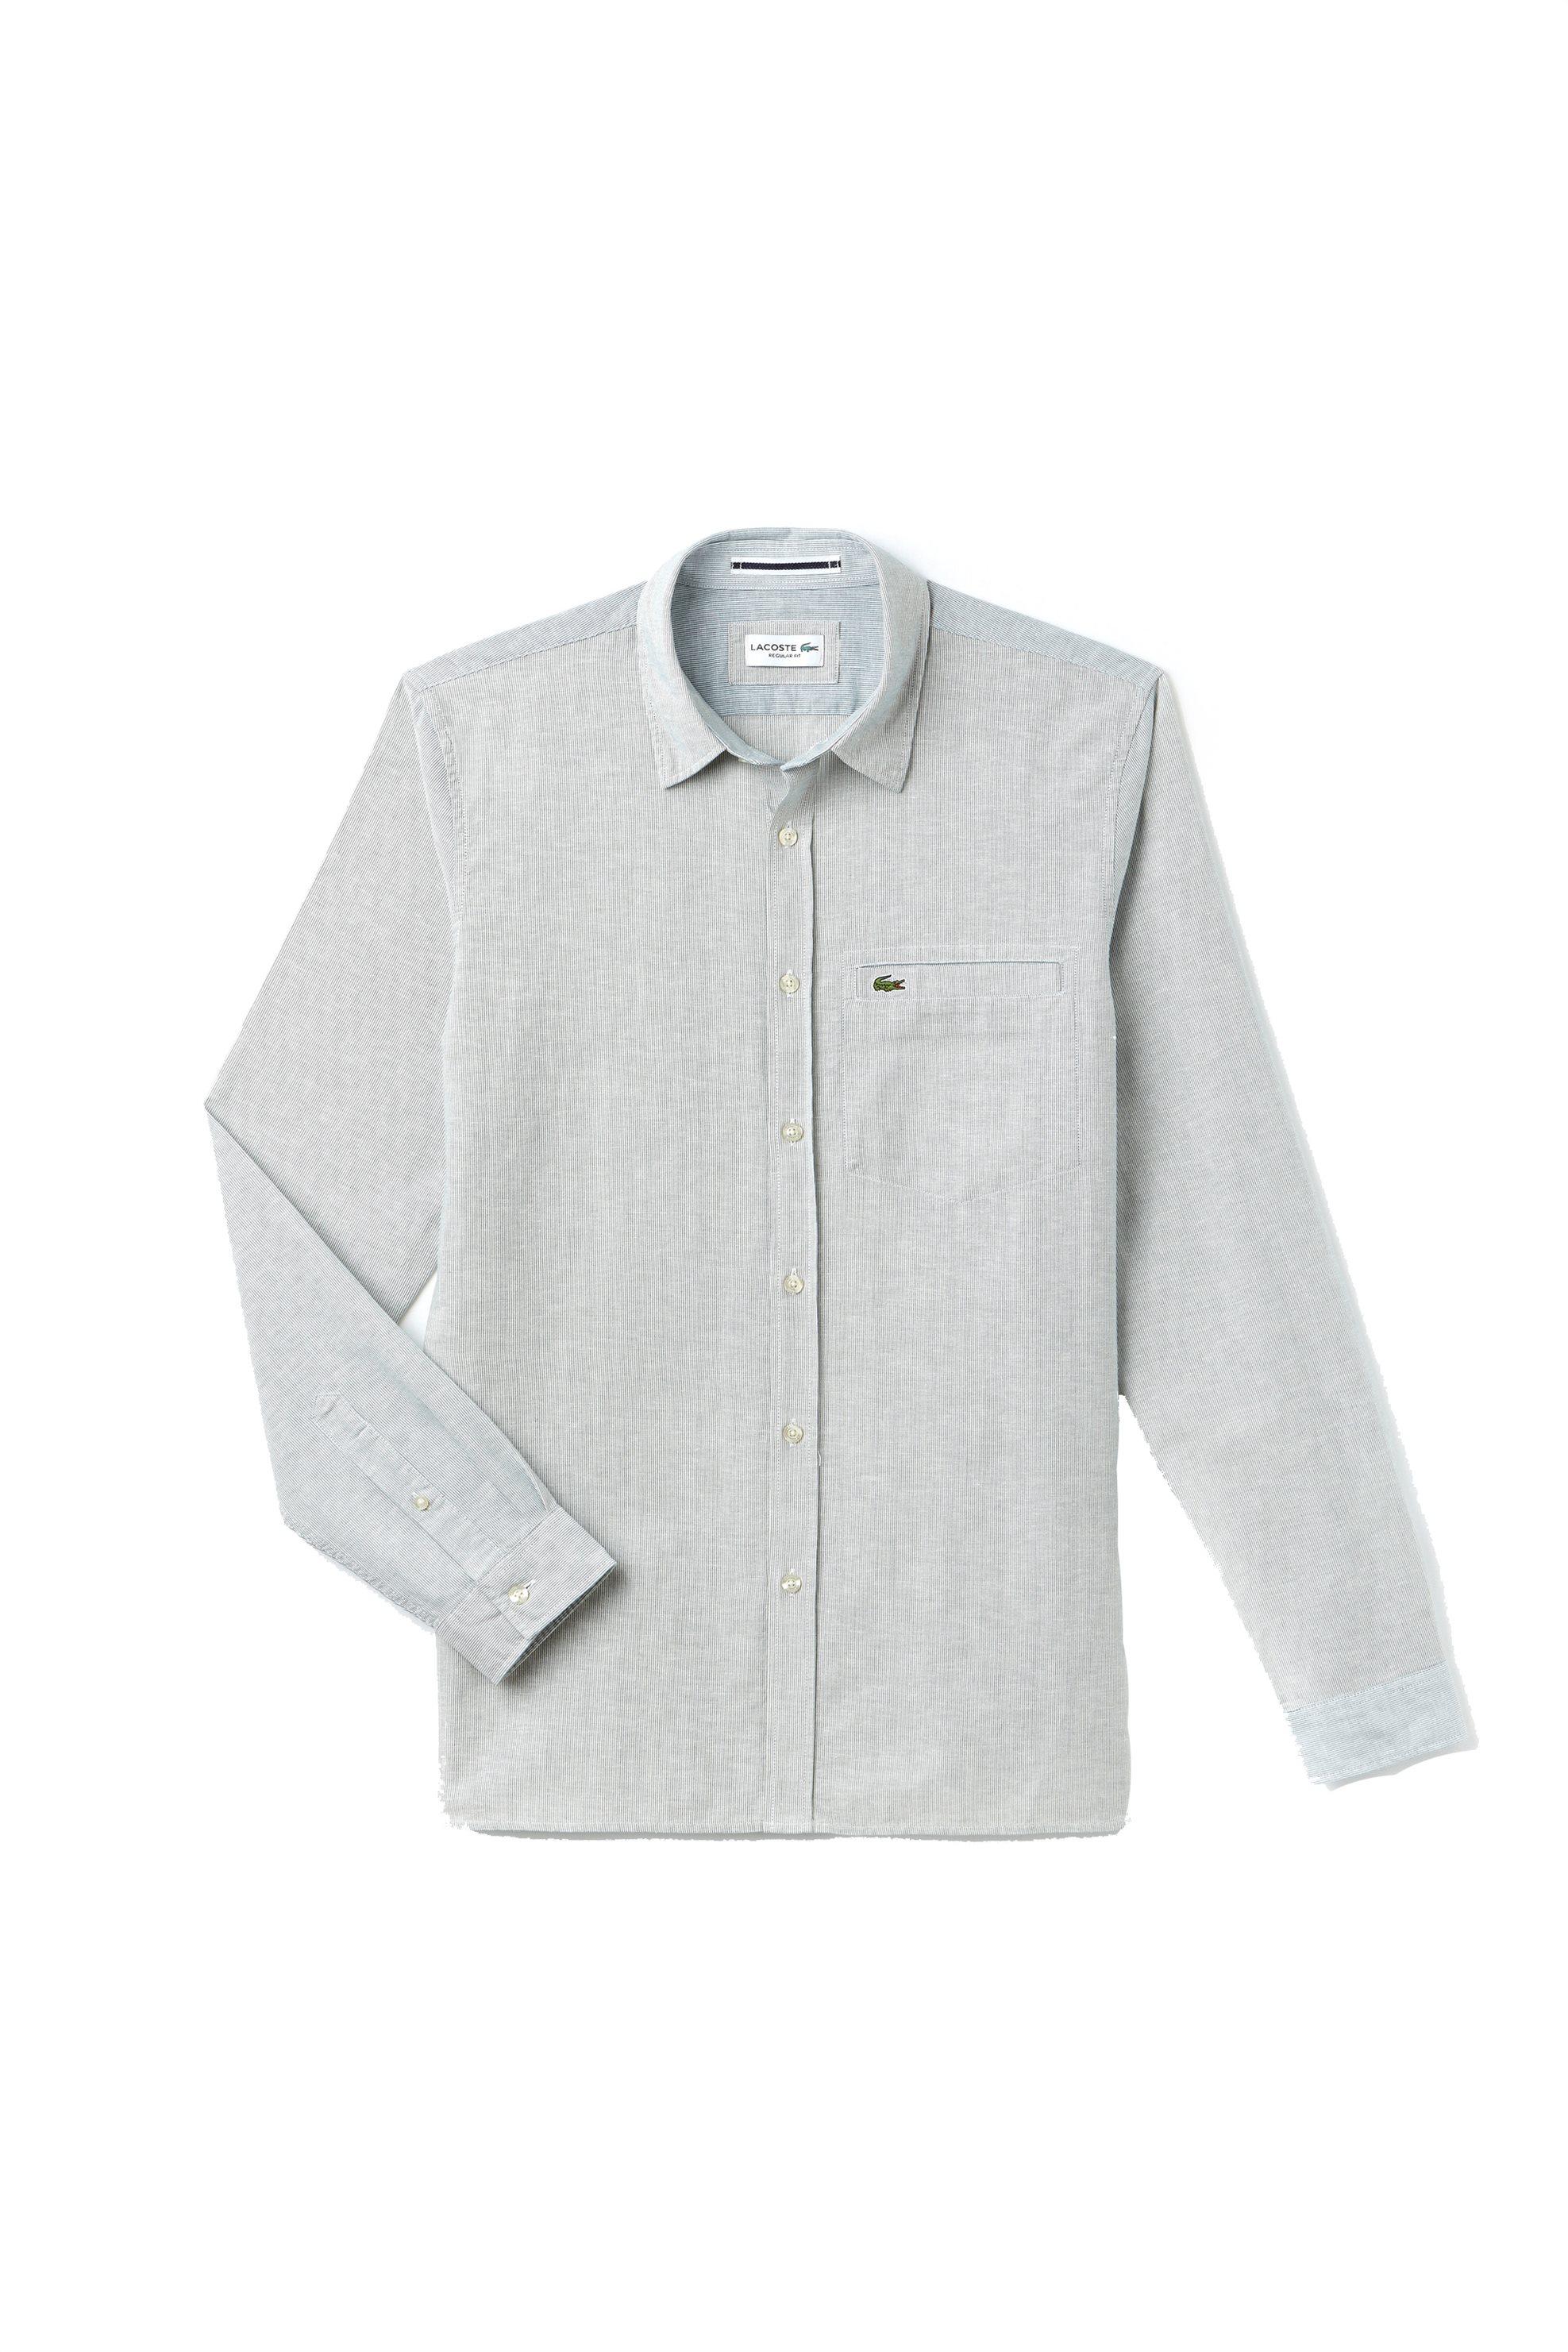 Ανδρικό ριγέ πουκάμισο Spring Bloom S/S 2018 Collection Lacoste - CH4999 - Κυπαρ ανδρασ   ρουχα   πουκάμισα   casual